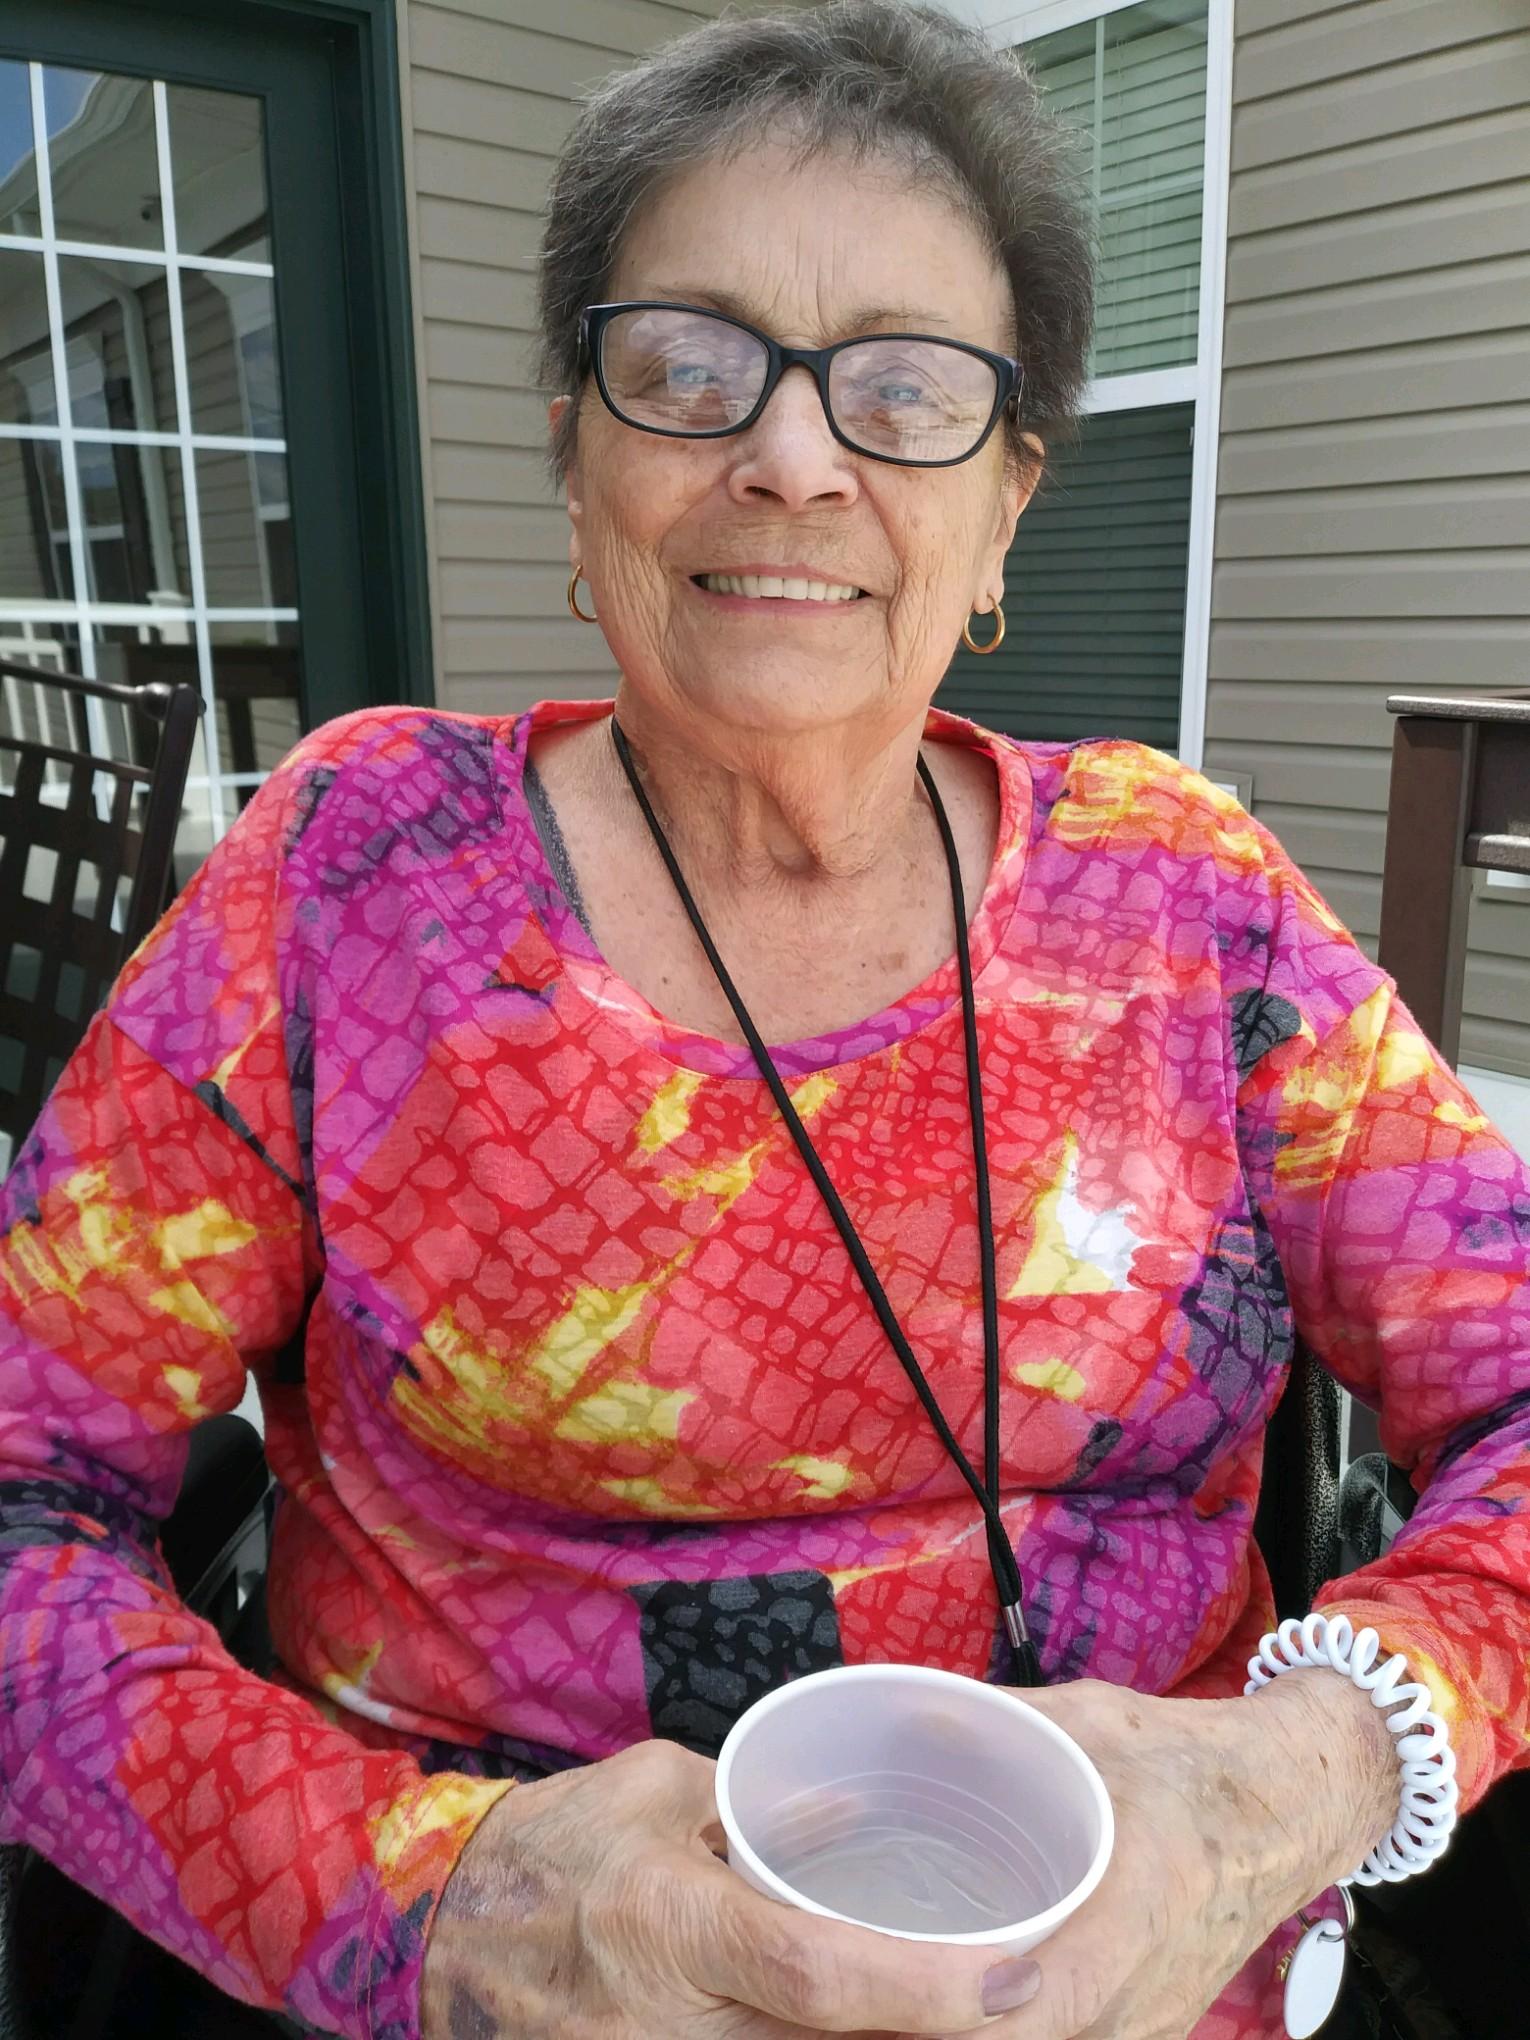 Doris Maron